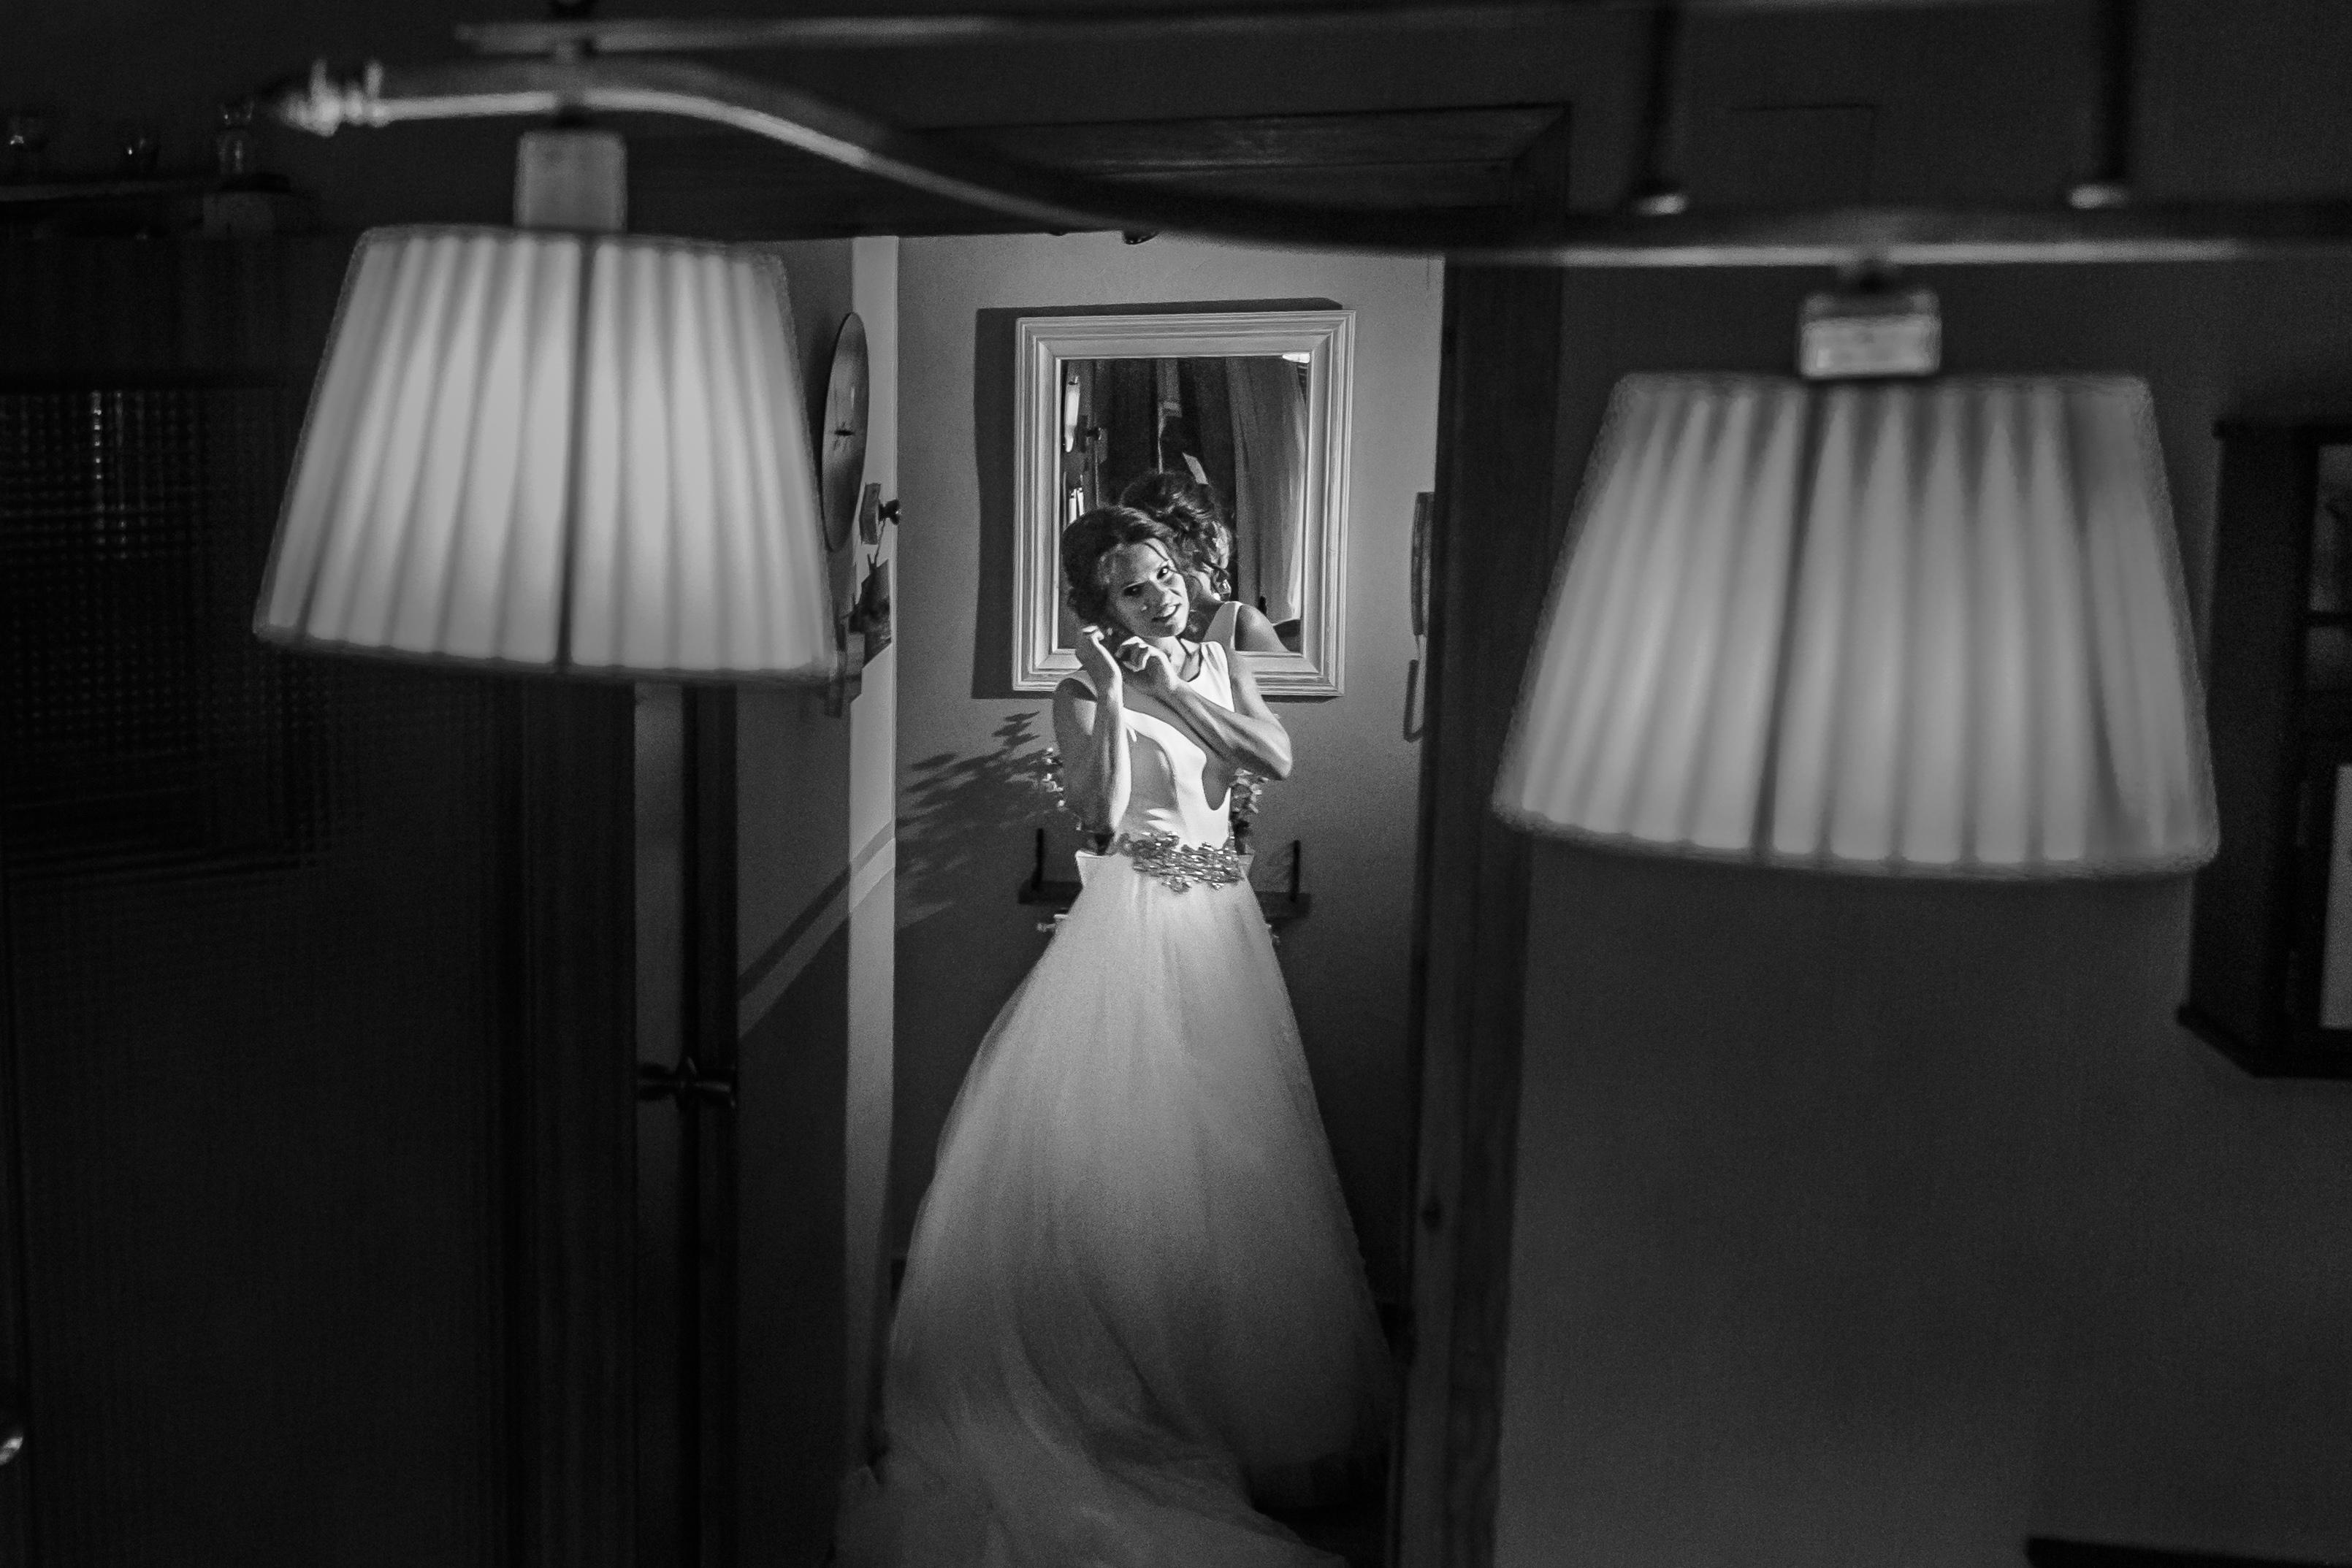 mandarina wedding, fotografos de boda, fotoperiodismo de boda, mejores fotografos de boda, bodas soria, bodas pirineo, bodas Madrid, fotógrafo daroca_20